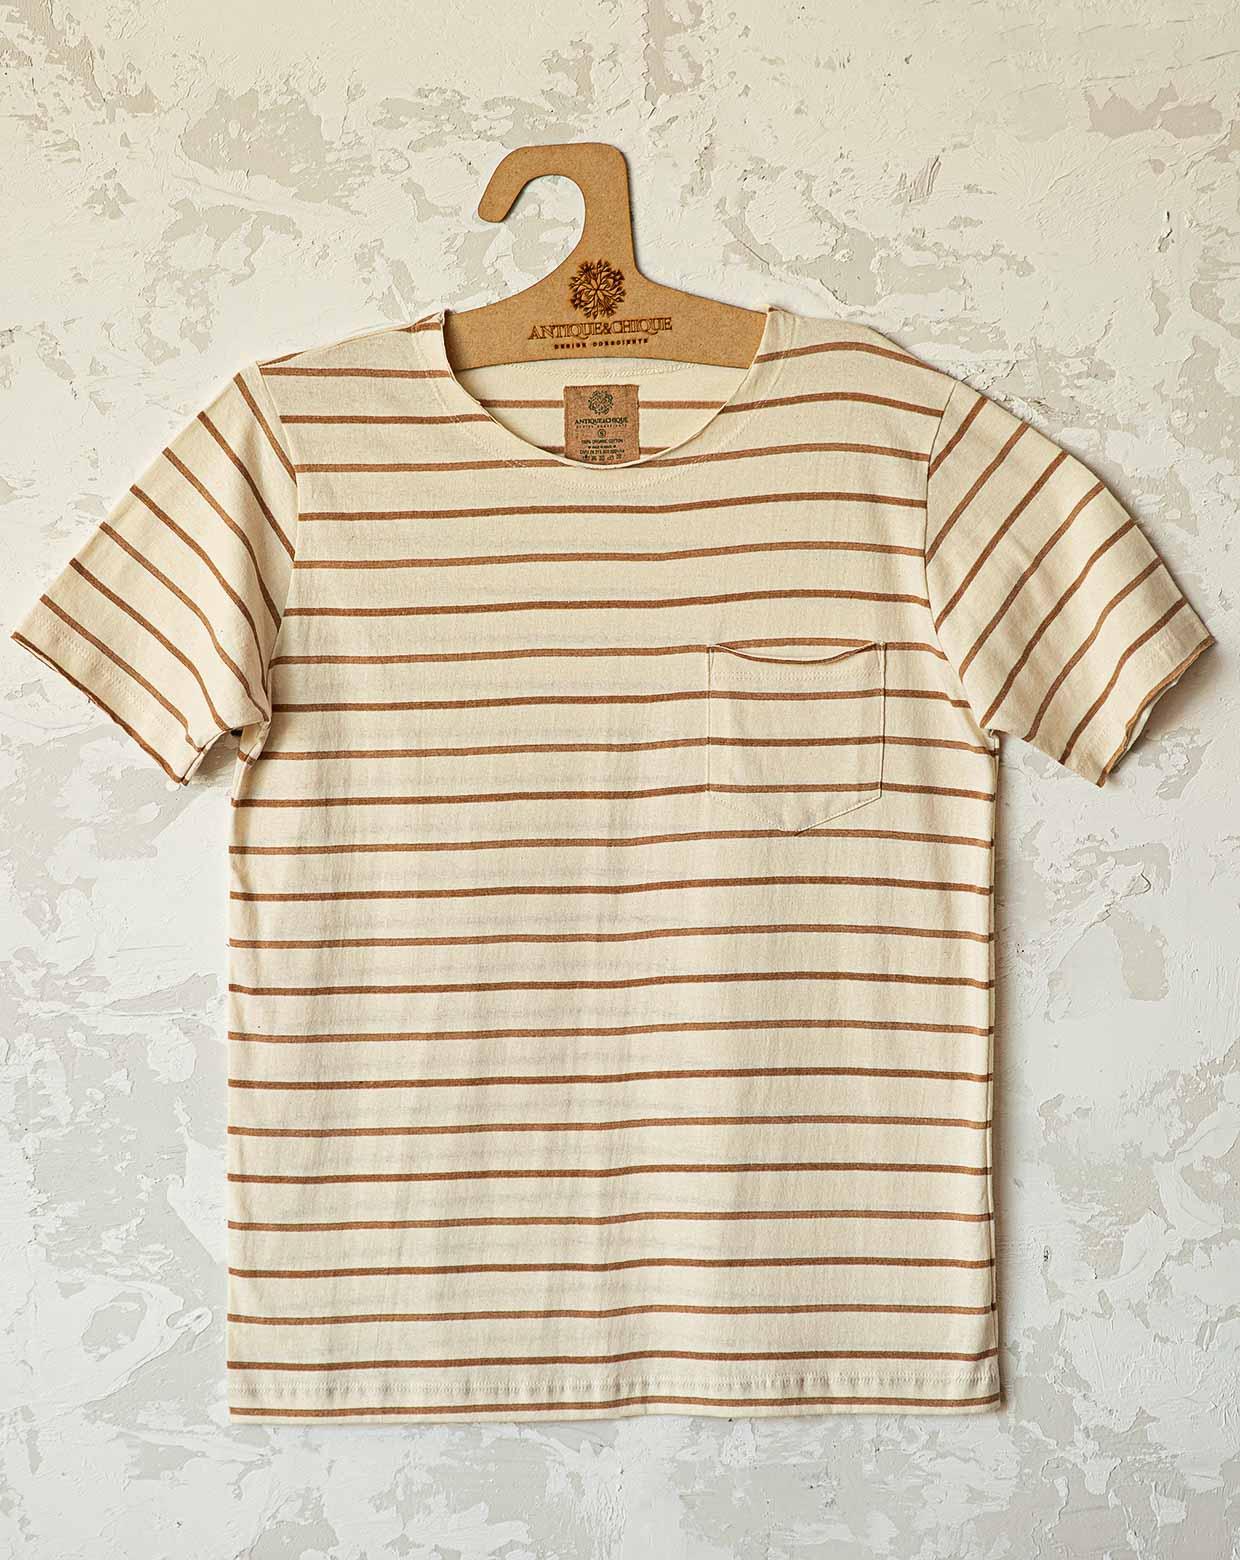 Camiseta Jorge Listra Cru - Algodão Orgânico Colorido Natural